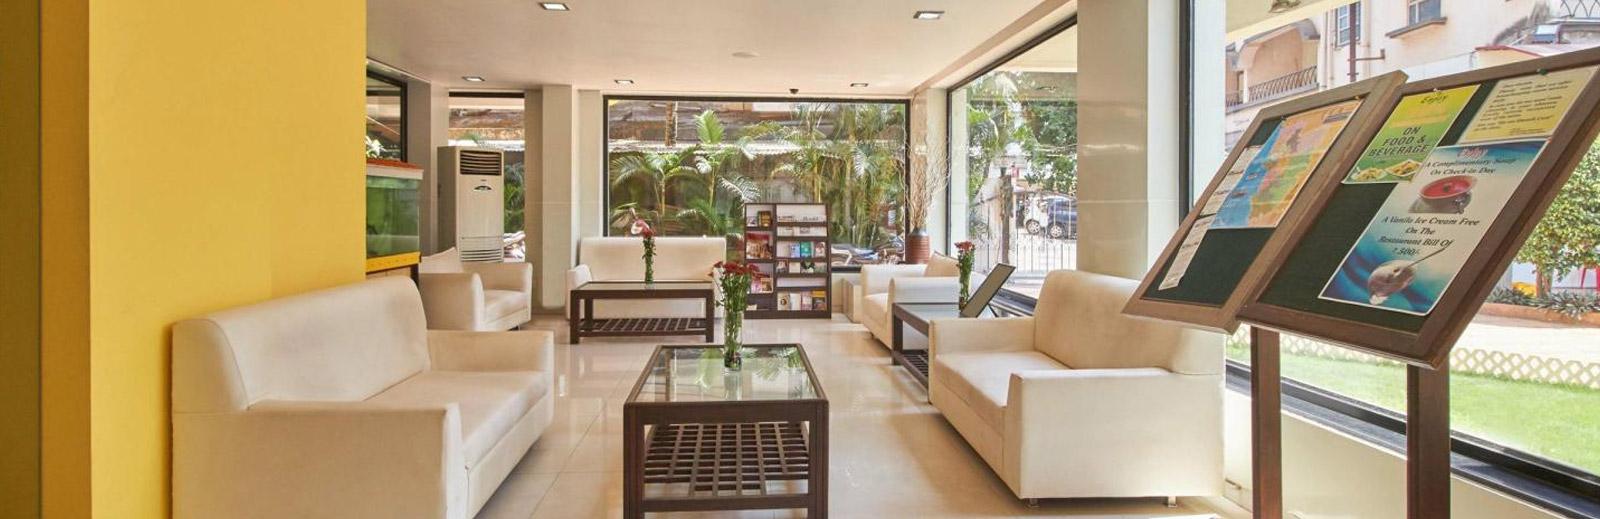 Colva Kinara 3 (India Goa South Kolva Beach): photos, room description, service, entertainment, reviews 48